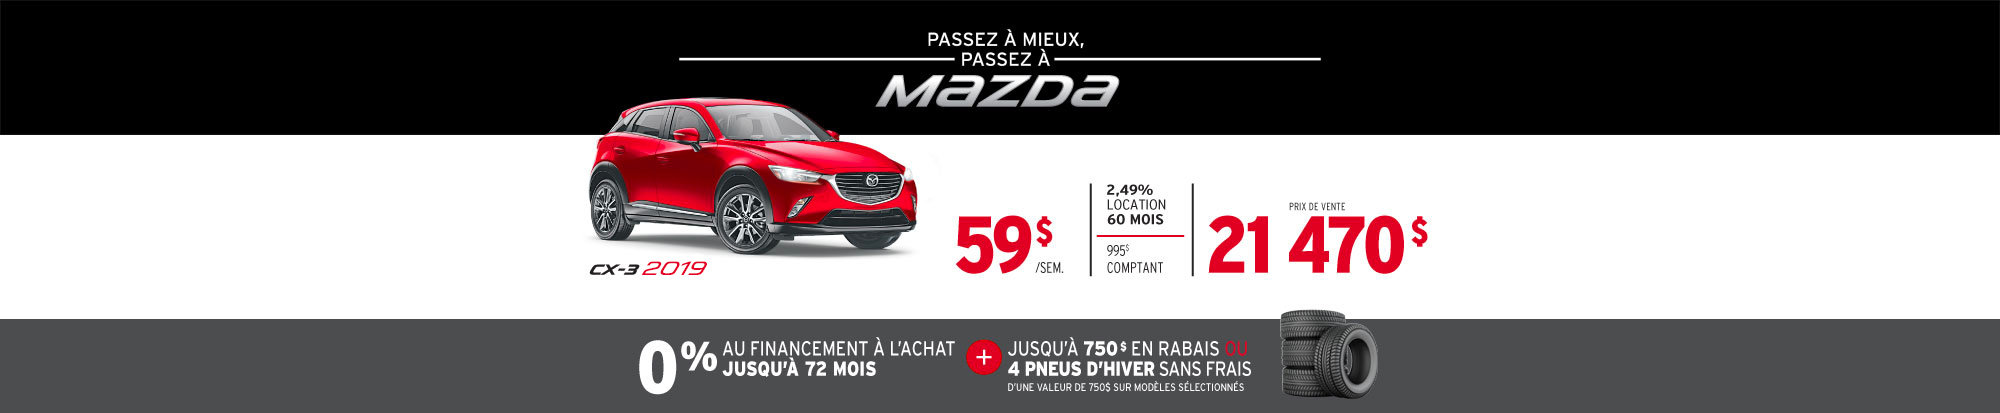 PASSEZ À MIEUX – PASSEZ AU GROUPE BEAUCAGE MAZDA avec le MAZDA CX-3 2019 web